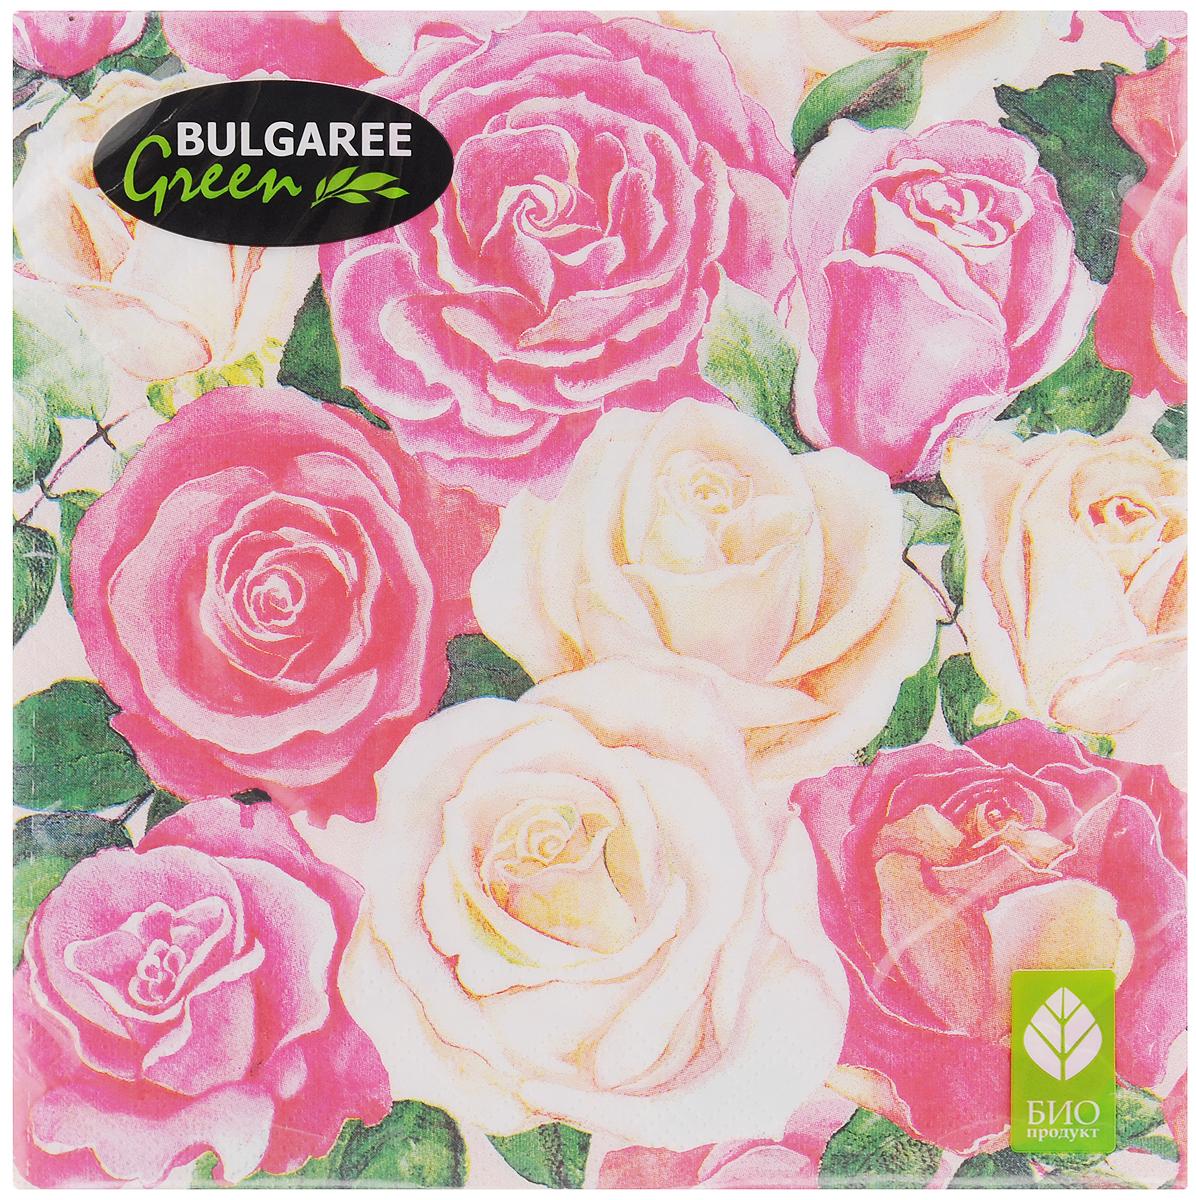 Салфетки бумажные Bulgaree Green Розовый букет, трехслойные, 33 х 33 см, 20 шт салфетки бумажные bulgaree green вышивка трехслойные 33 х 33 см 20 шт